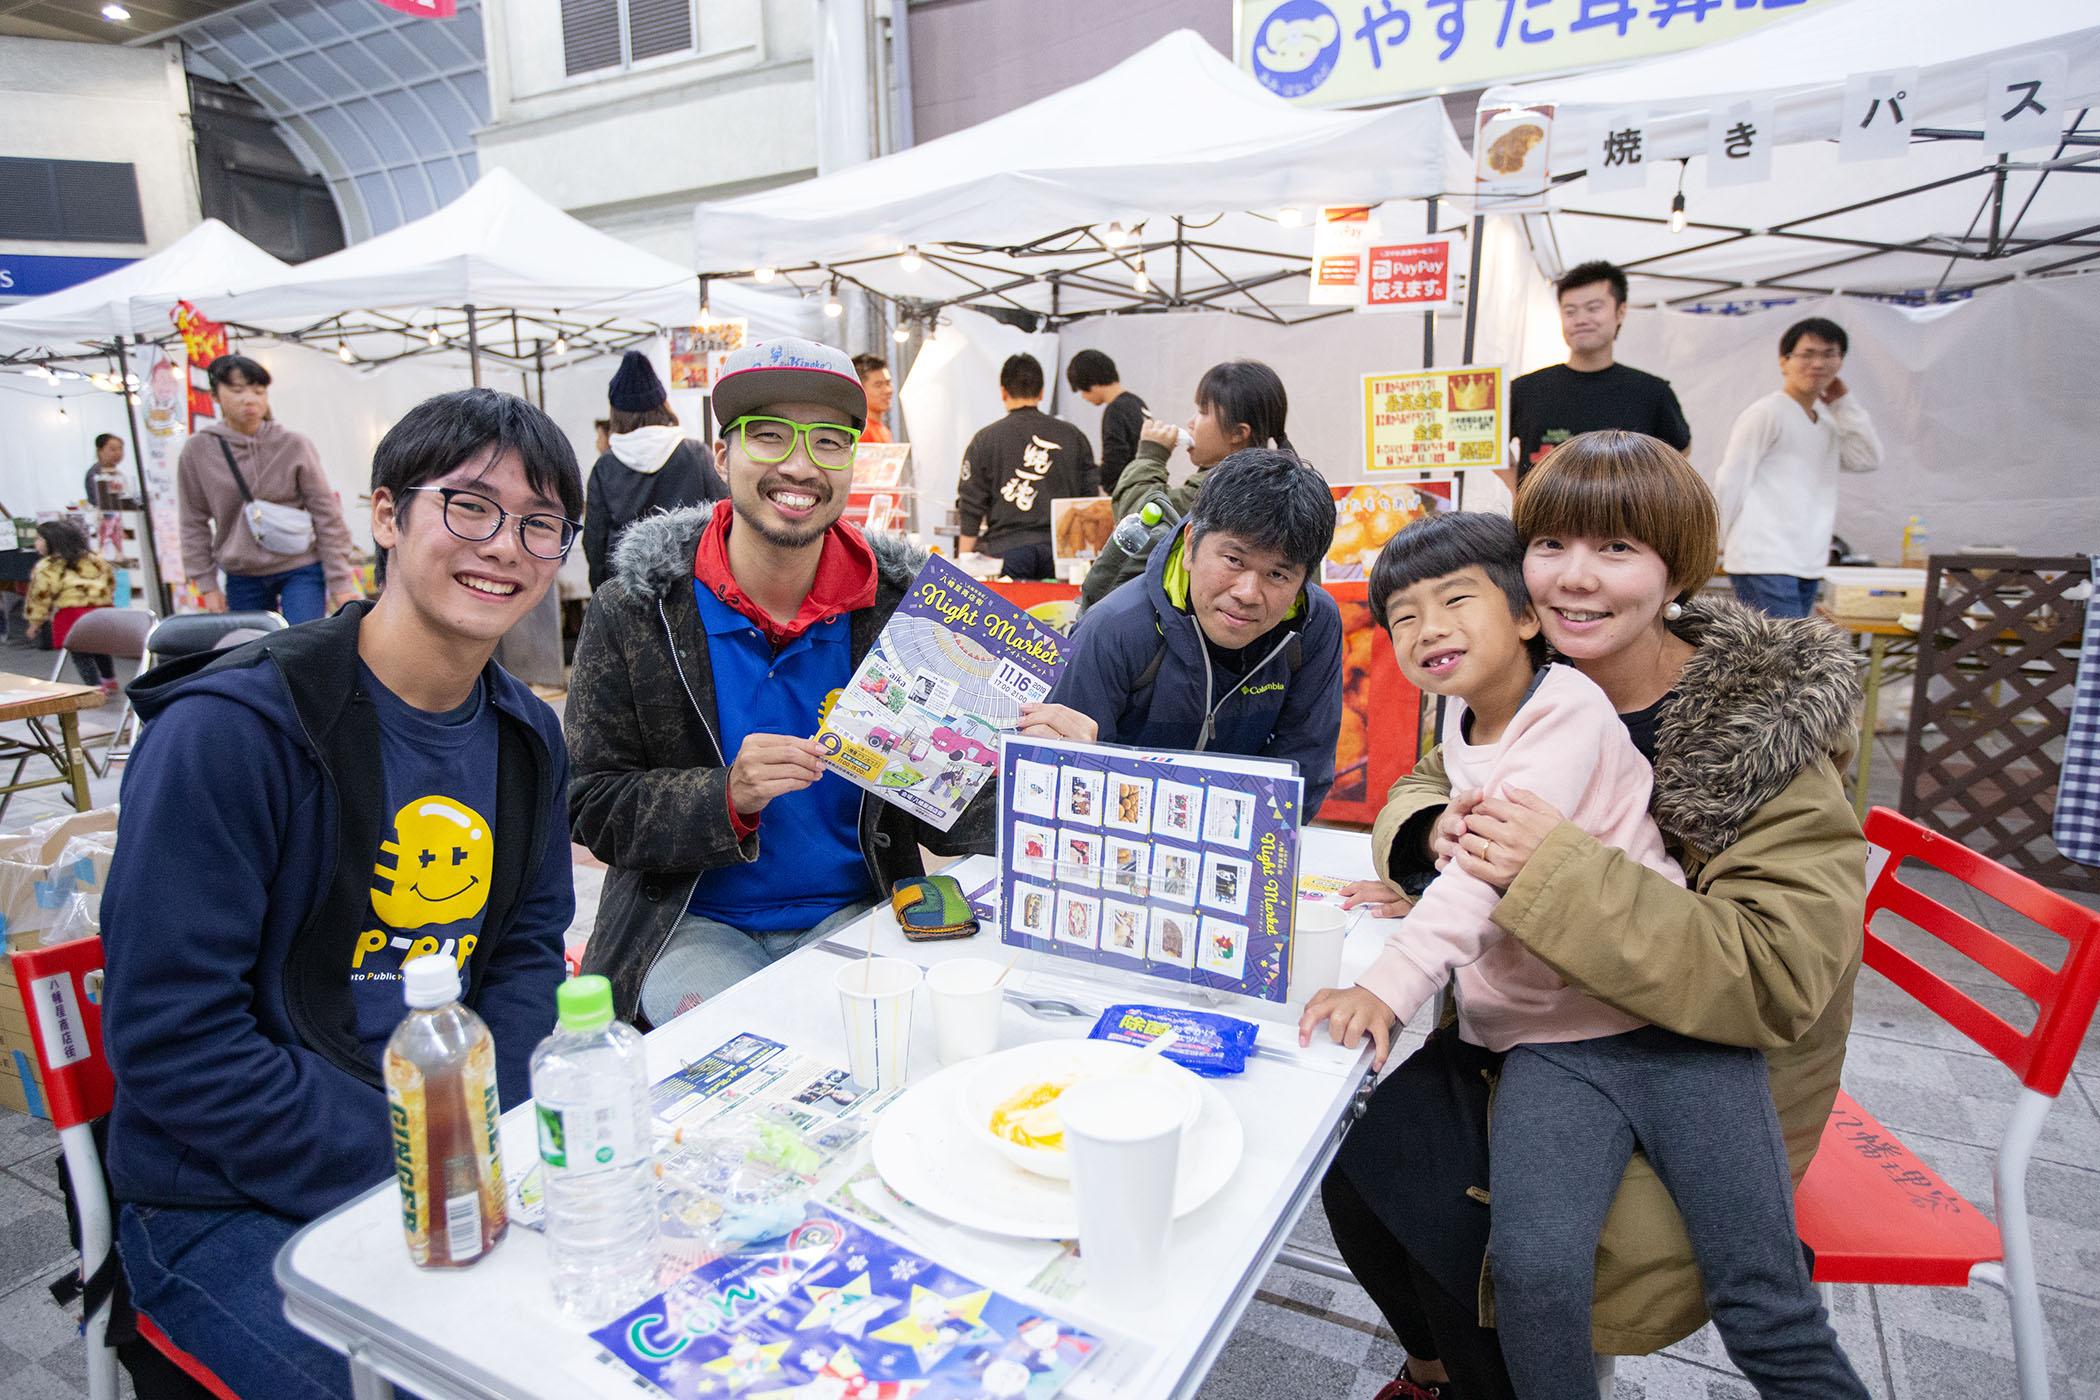 八幡屋商店街ナイトマーケット(大阪市港区)